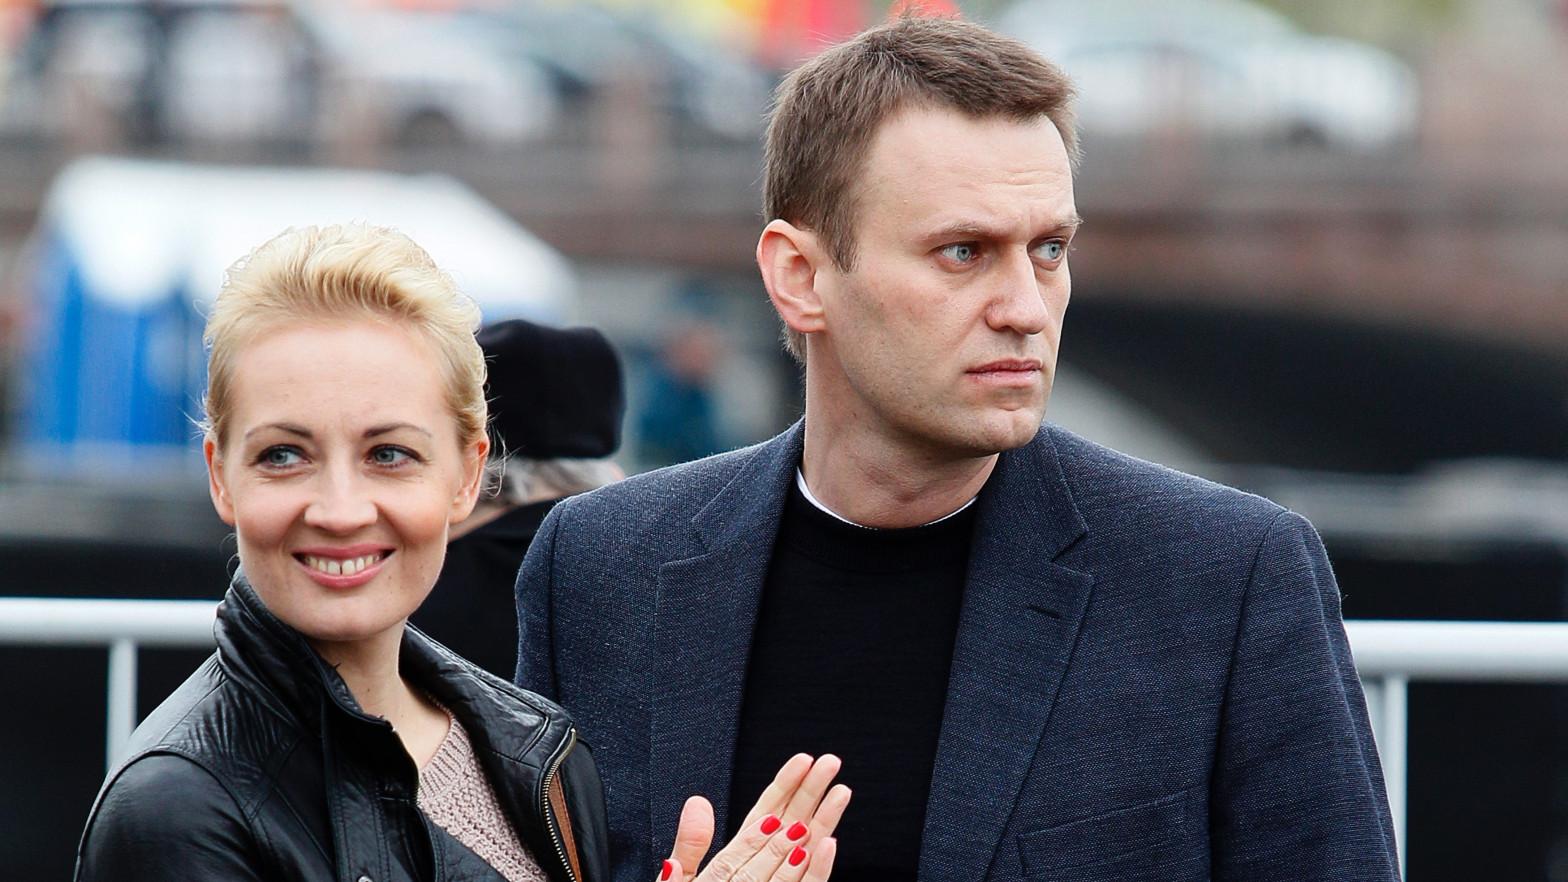 EEUU impone sanciones al Gobierno ruso por el envenenamiento de Navalni